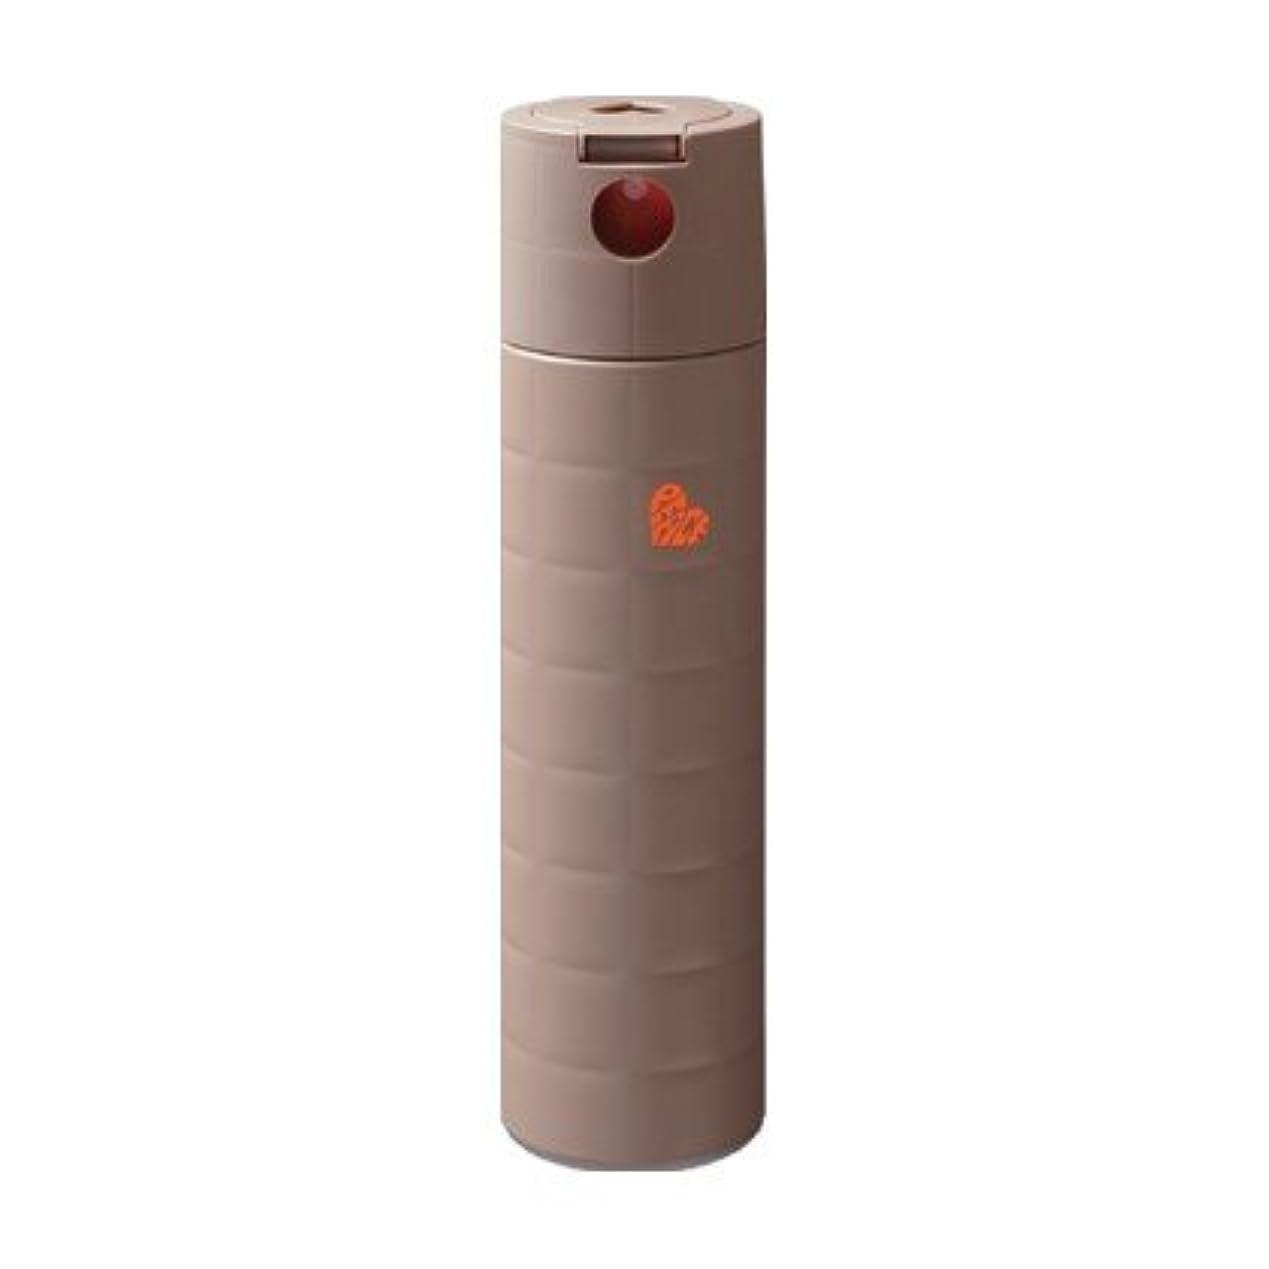 かわいらしい氏抑制するアリミノ ピース ワックスspray カフェオレ 143g(200ml) スプレーライン ARIMINO PEACE